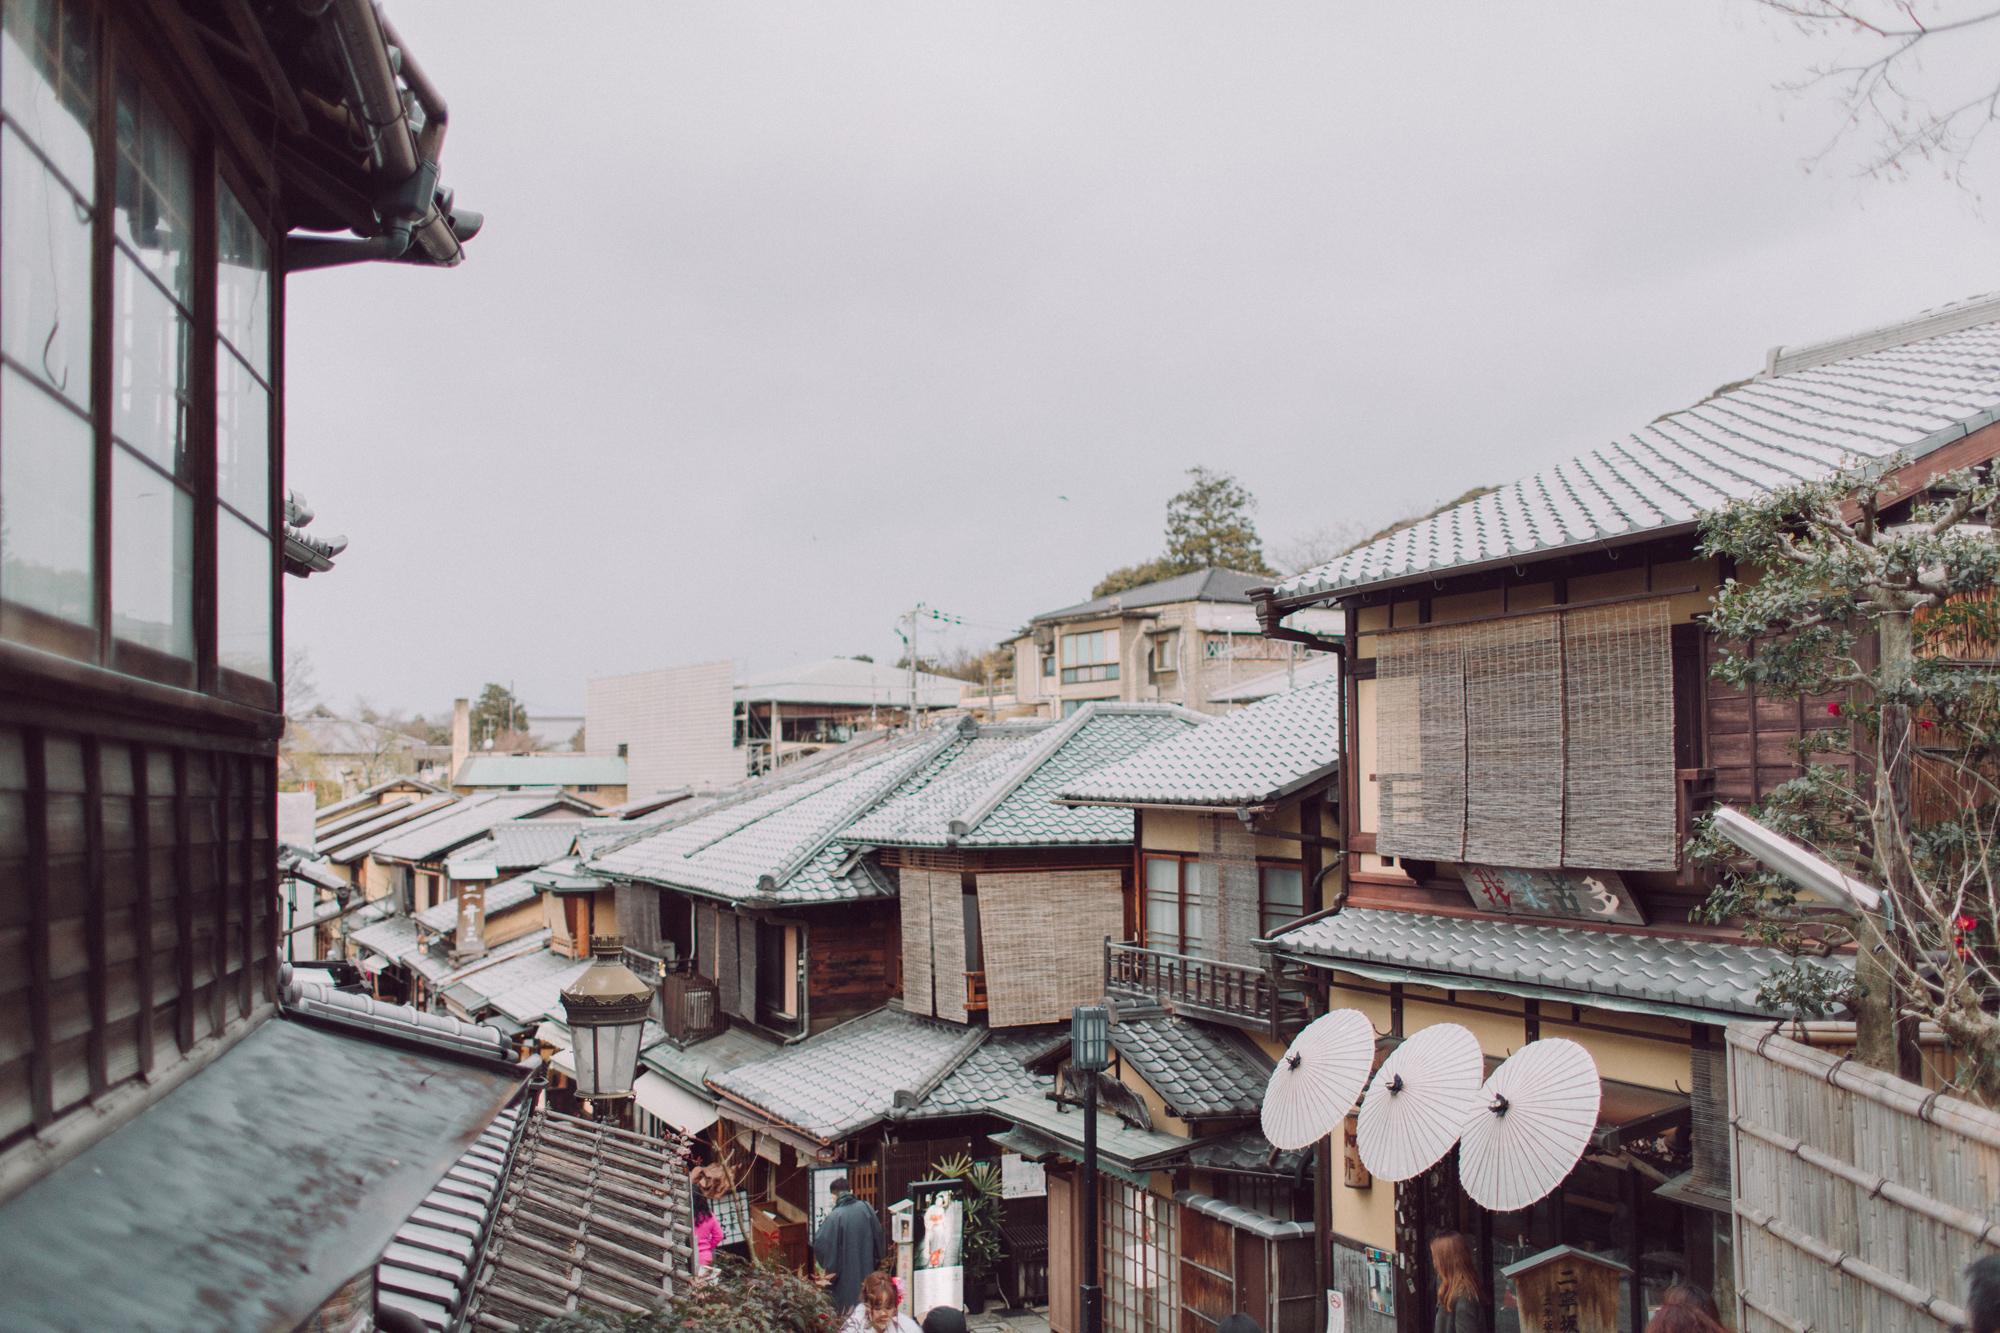 006-Kiyomizu.jpg